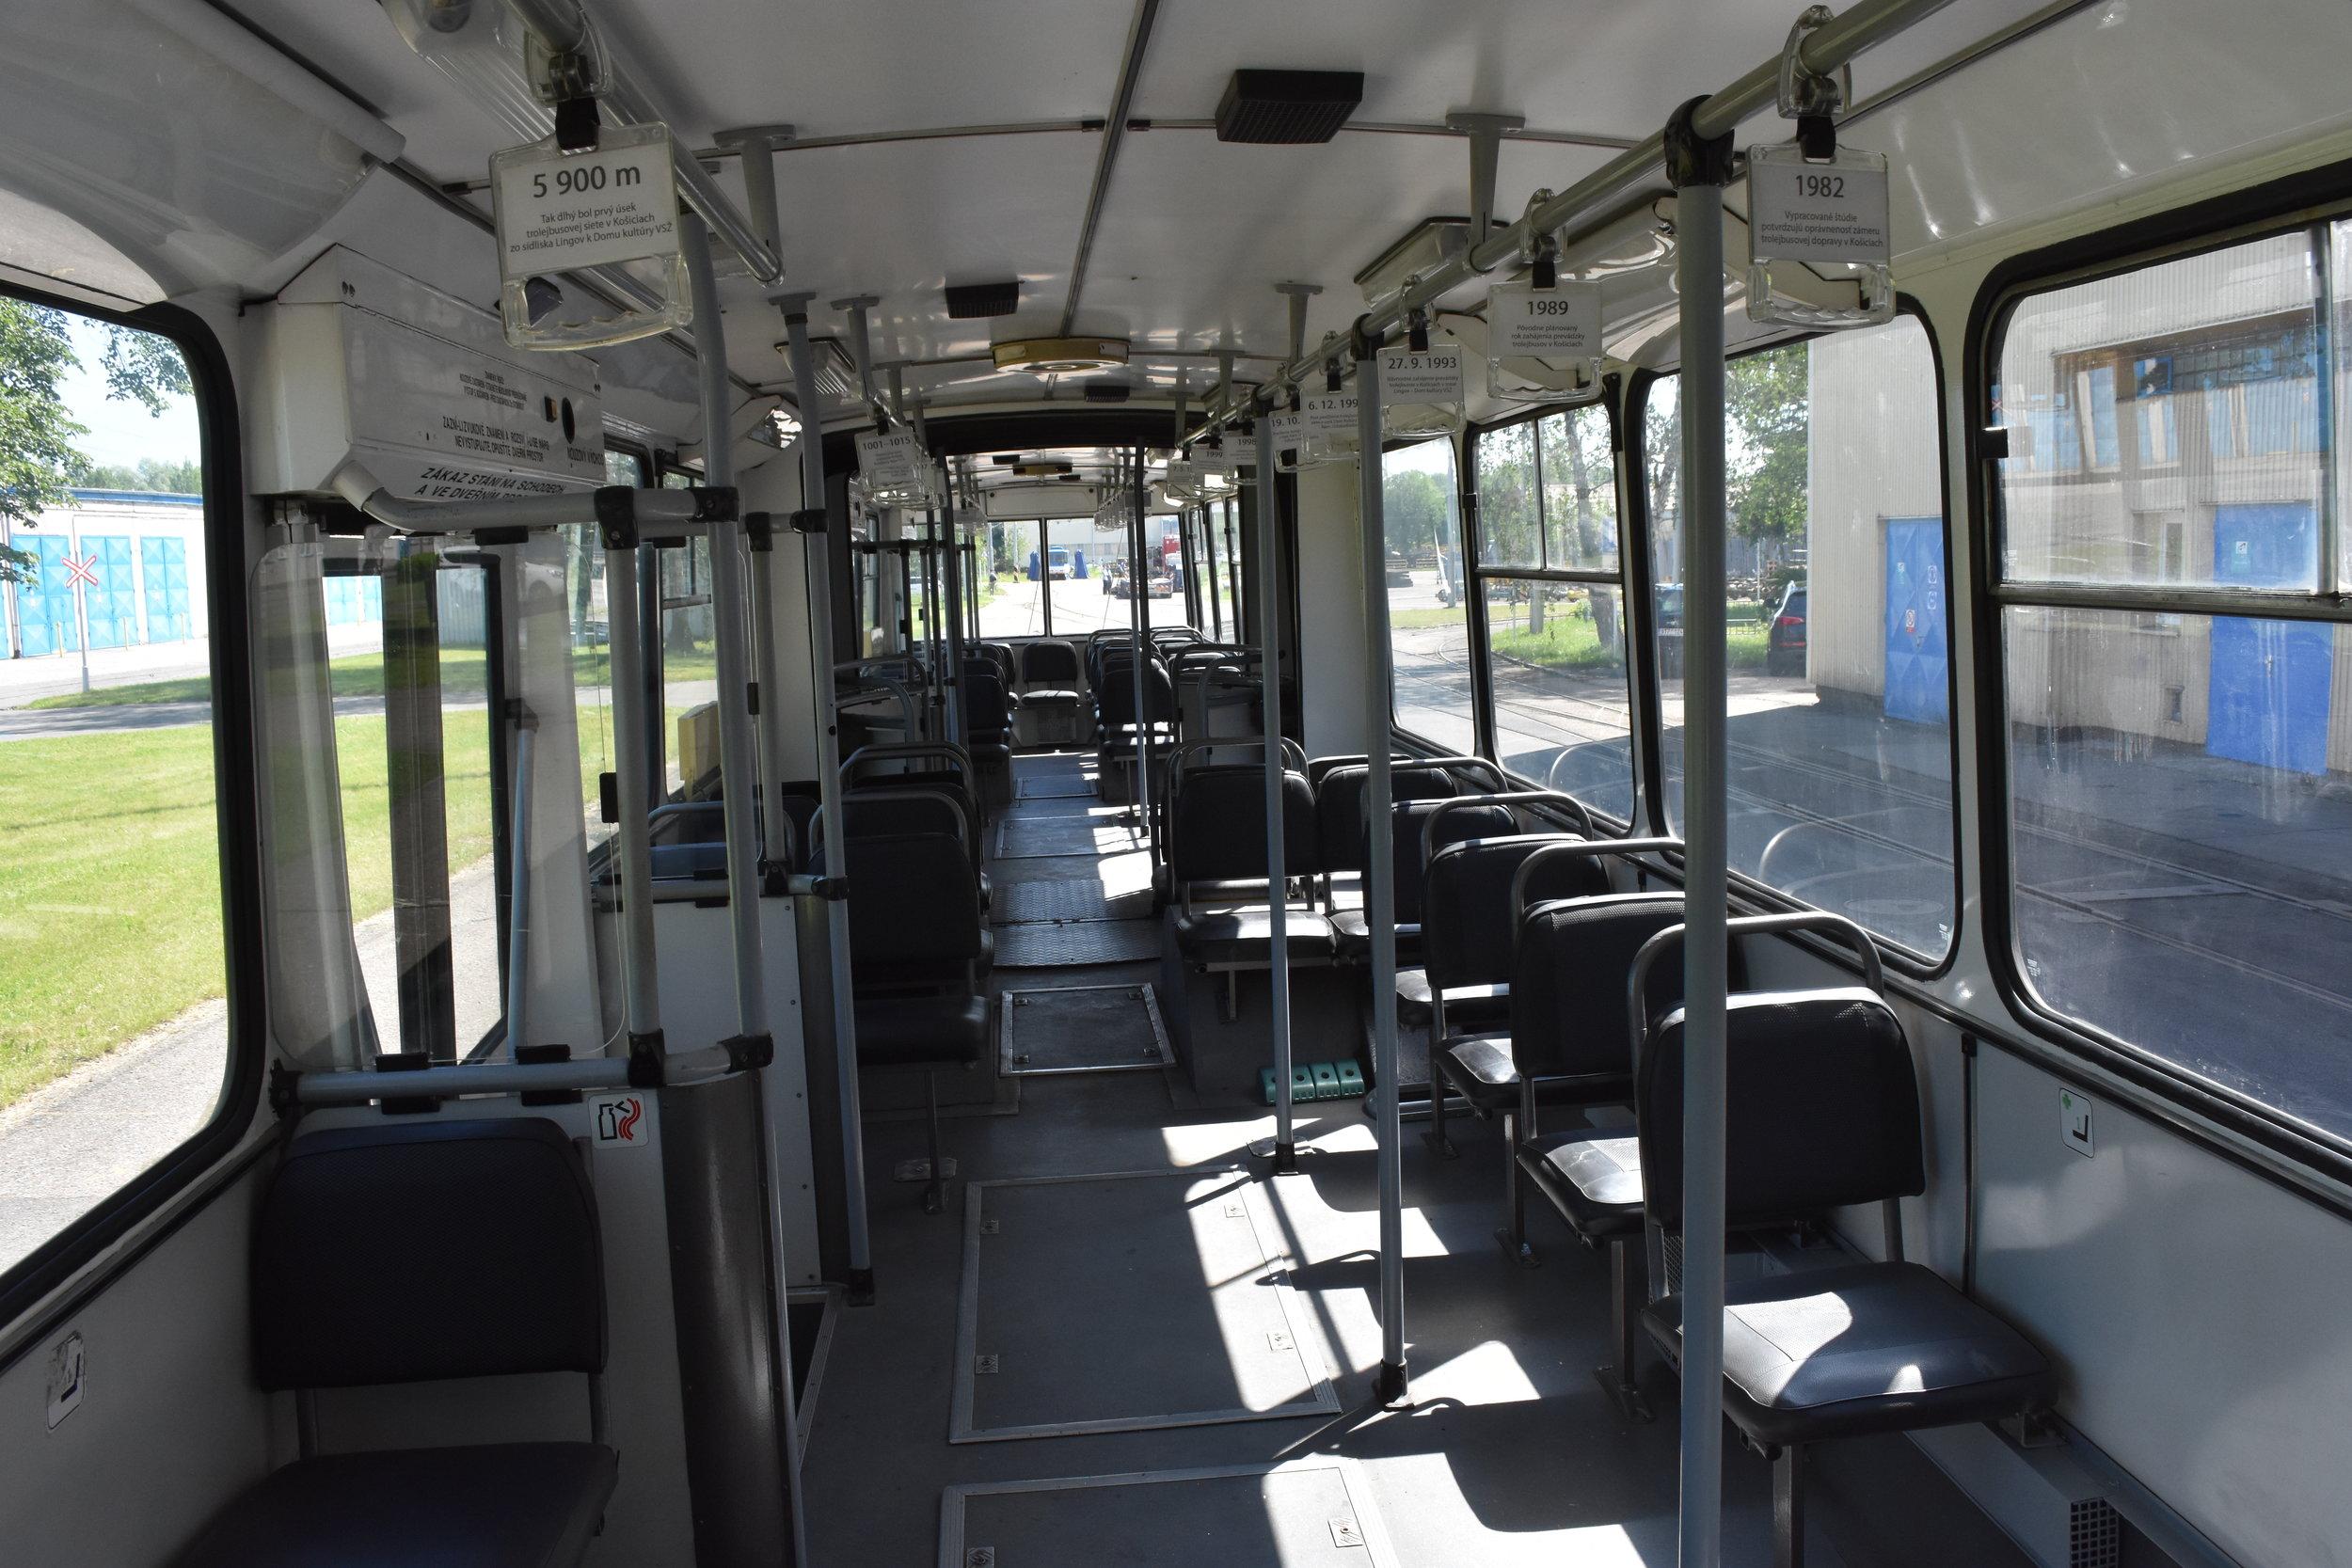 """Upravený interiér vozidla. Žlutou nahradila na madlech i sedačkách šedá, opravena byla také zkorodovaná místa dveří a okenní části. """"Chomutovská"""" bílá v interiéru ale zůstala zachována."""